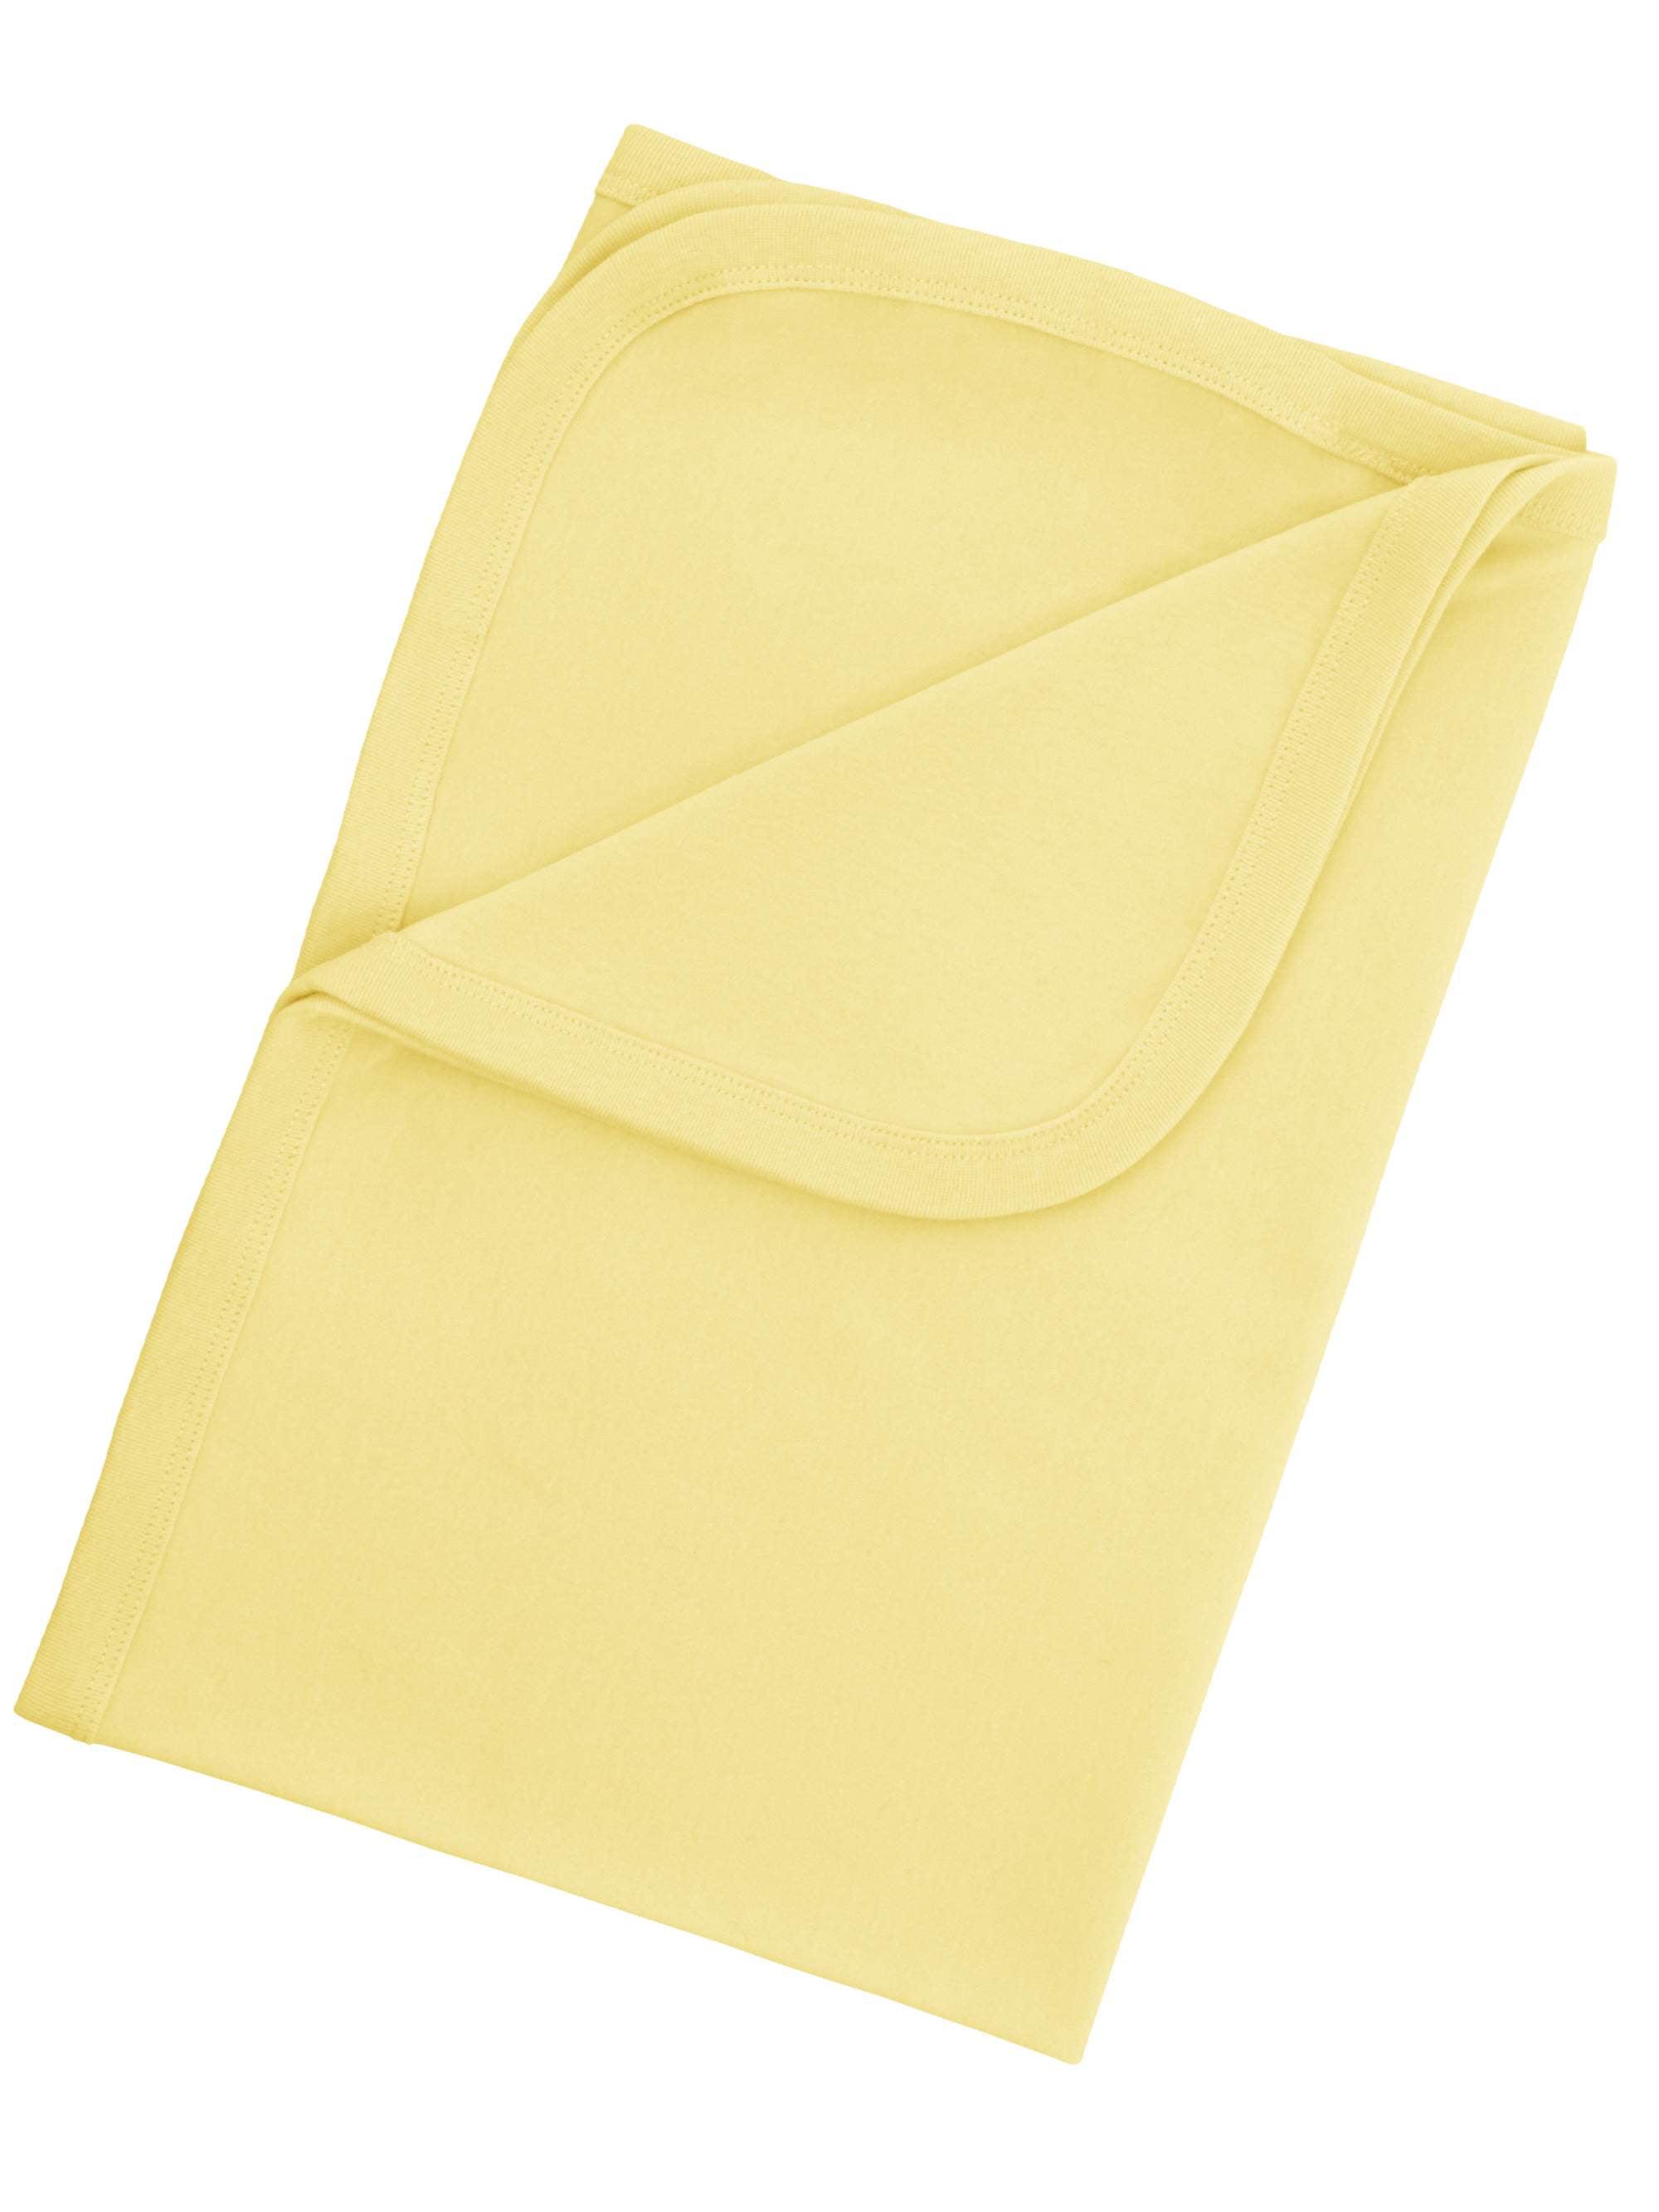 KidzStuff Sun Protection Baby Blanket (Unisex)